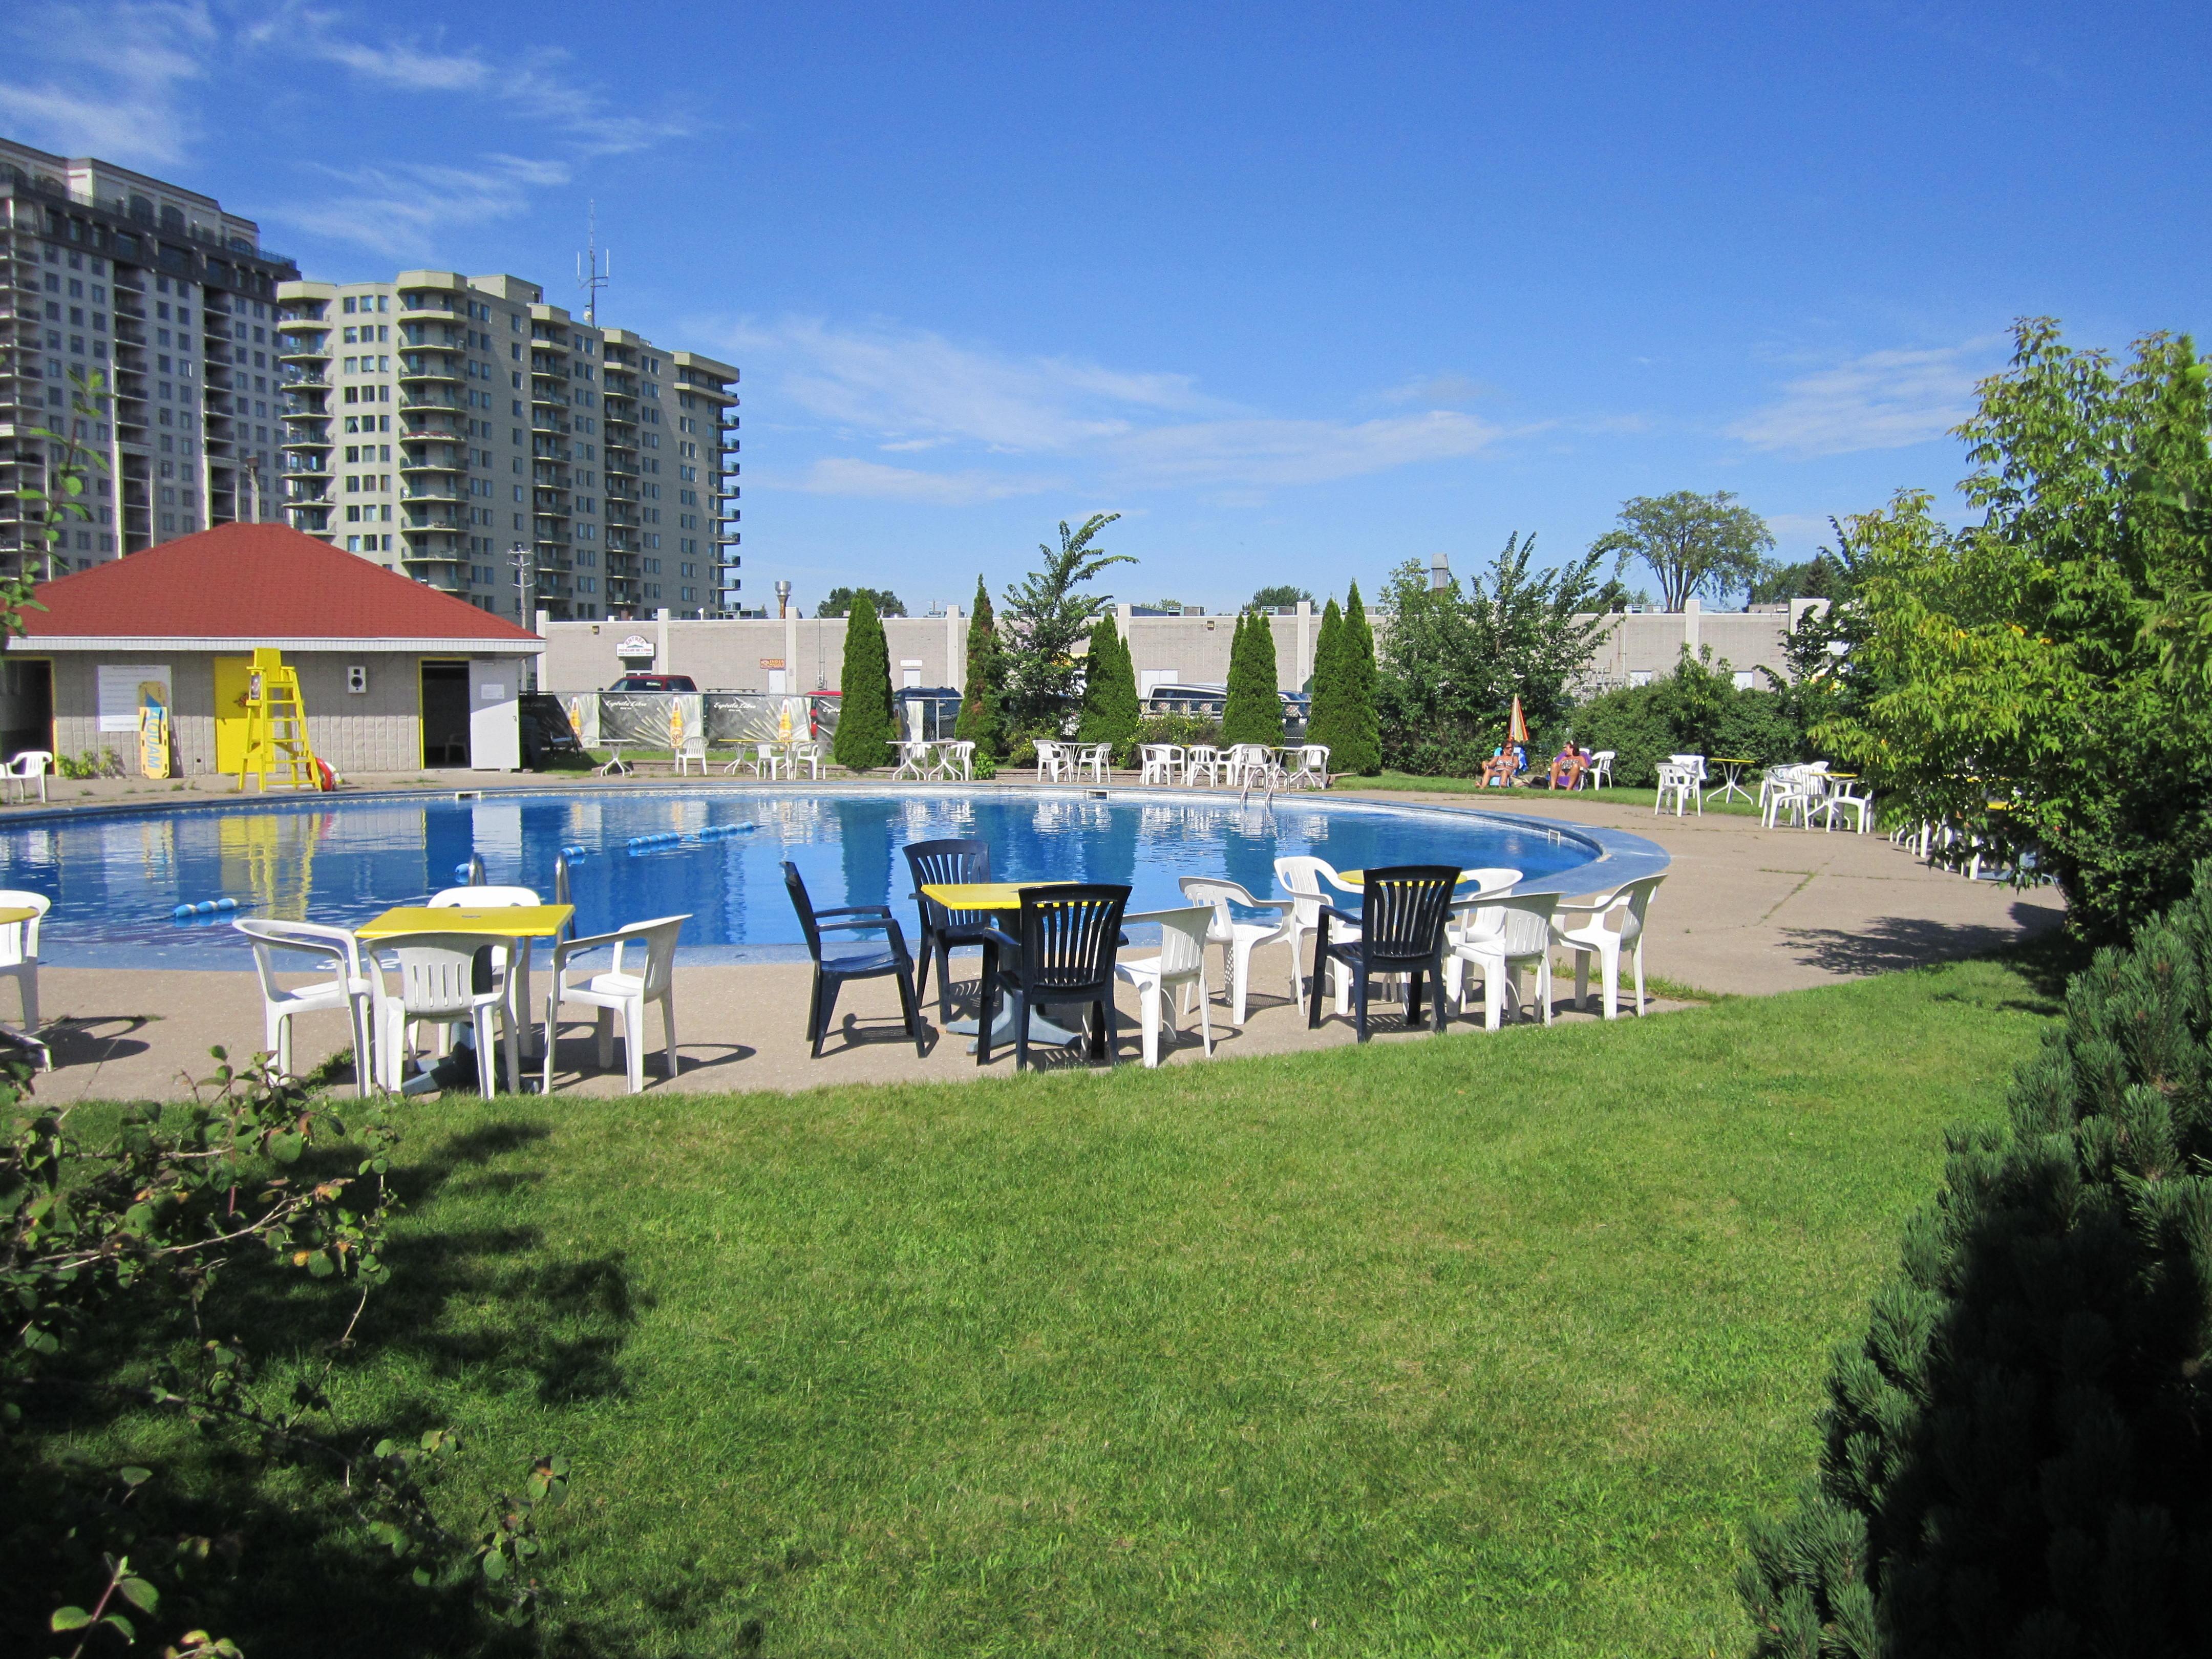 Interdanse la piscine for Ask yourself why la piscine